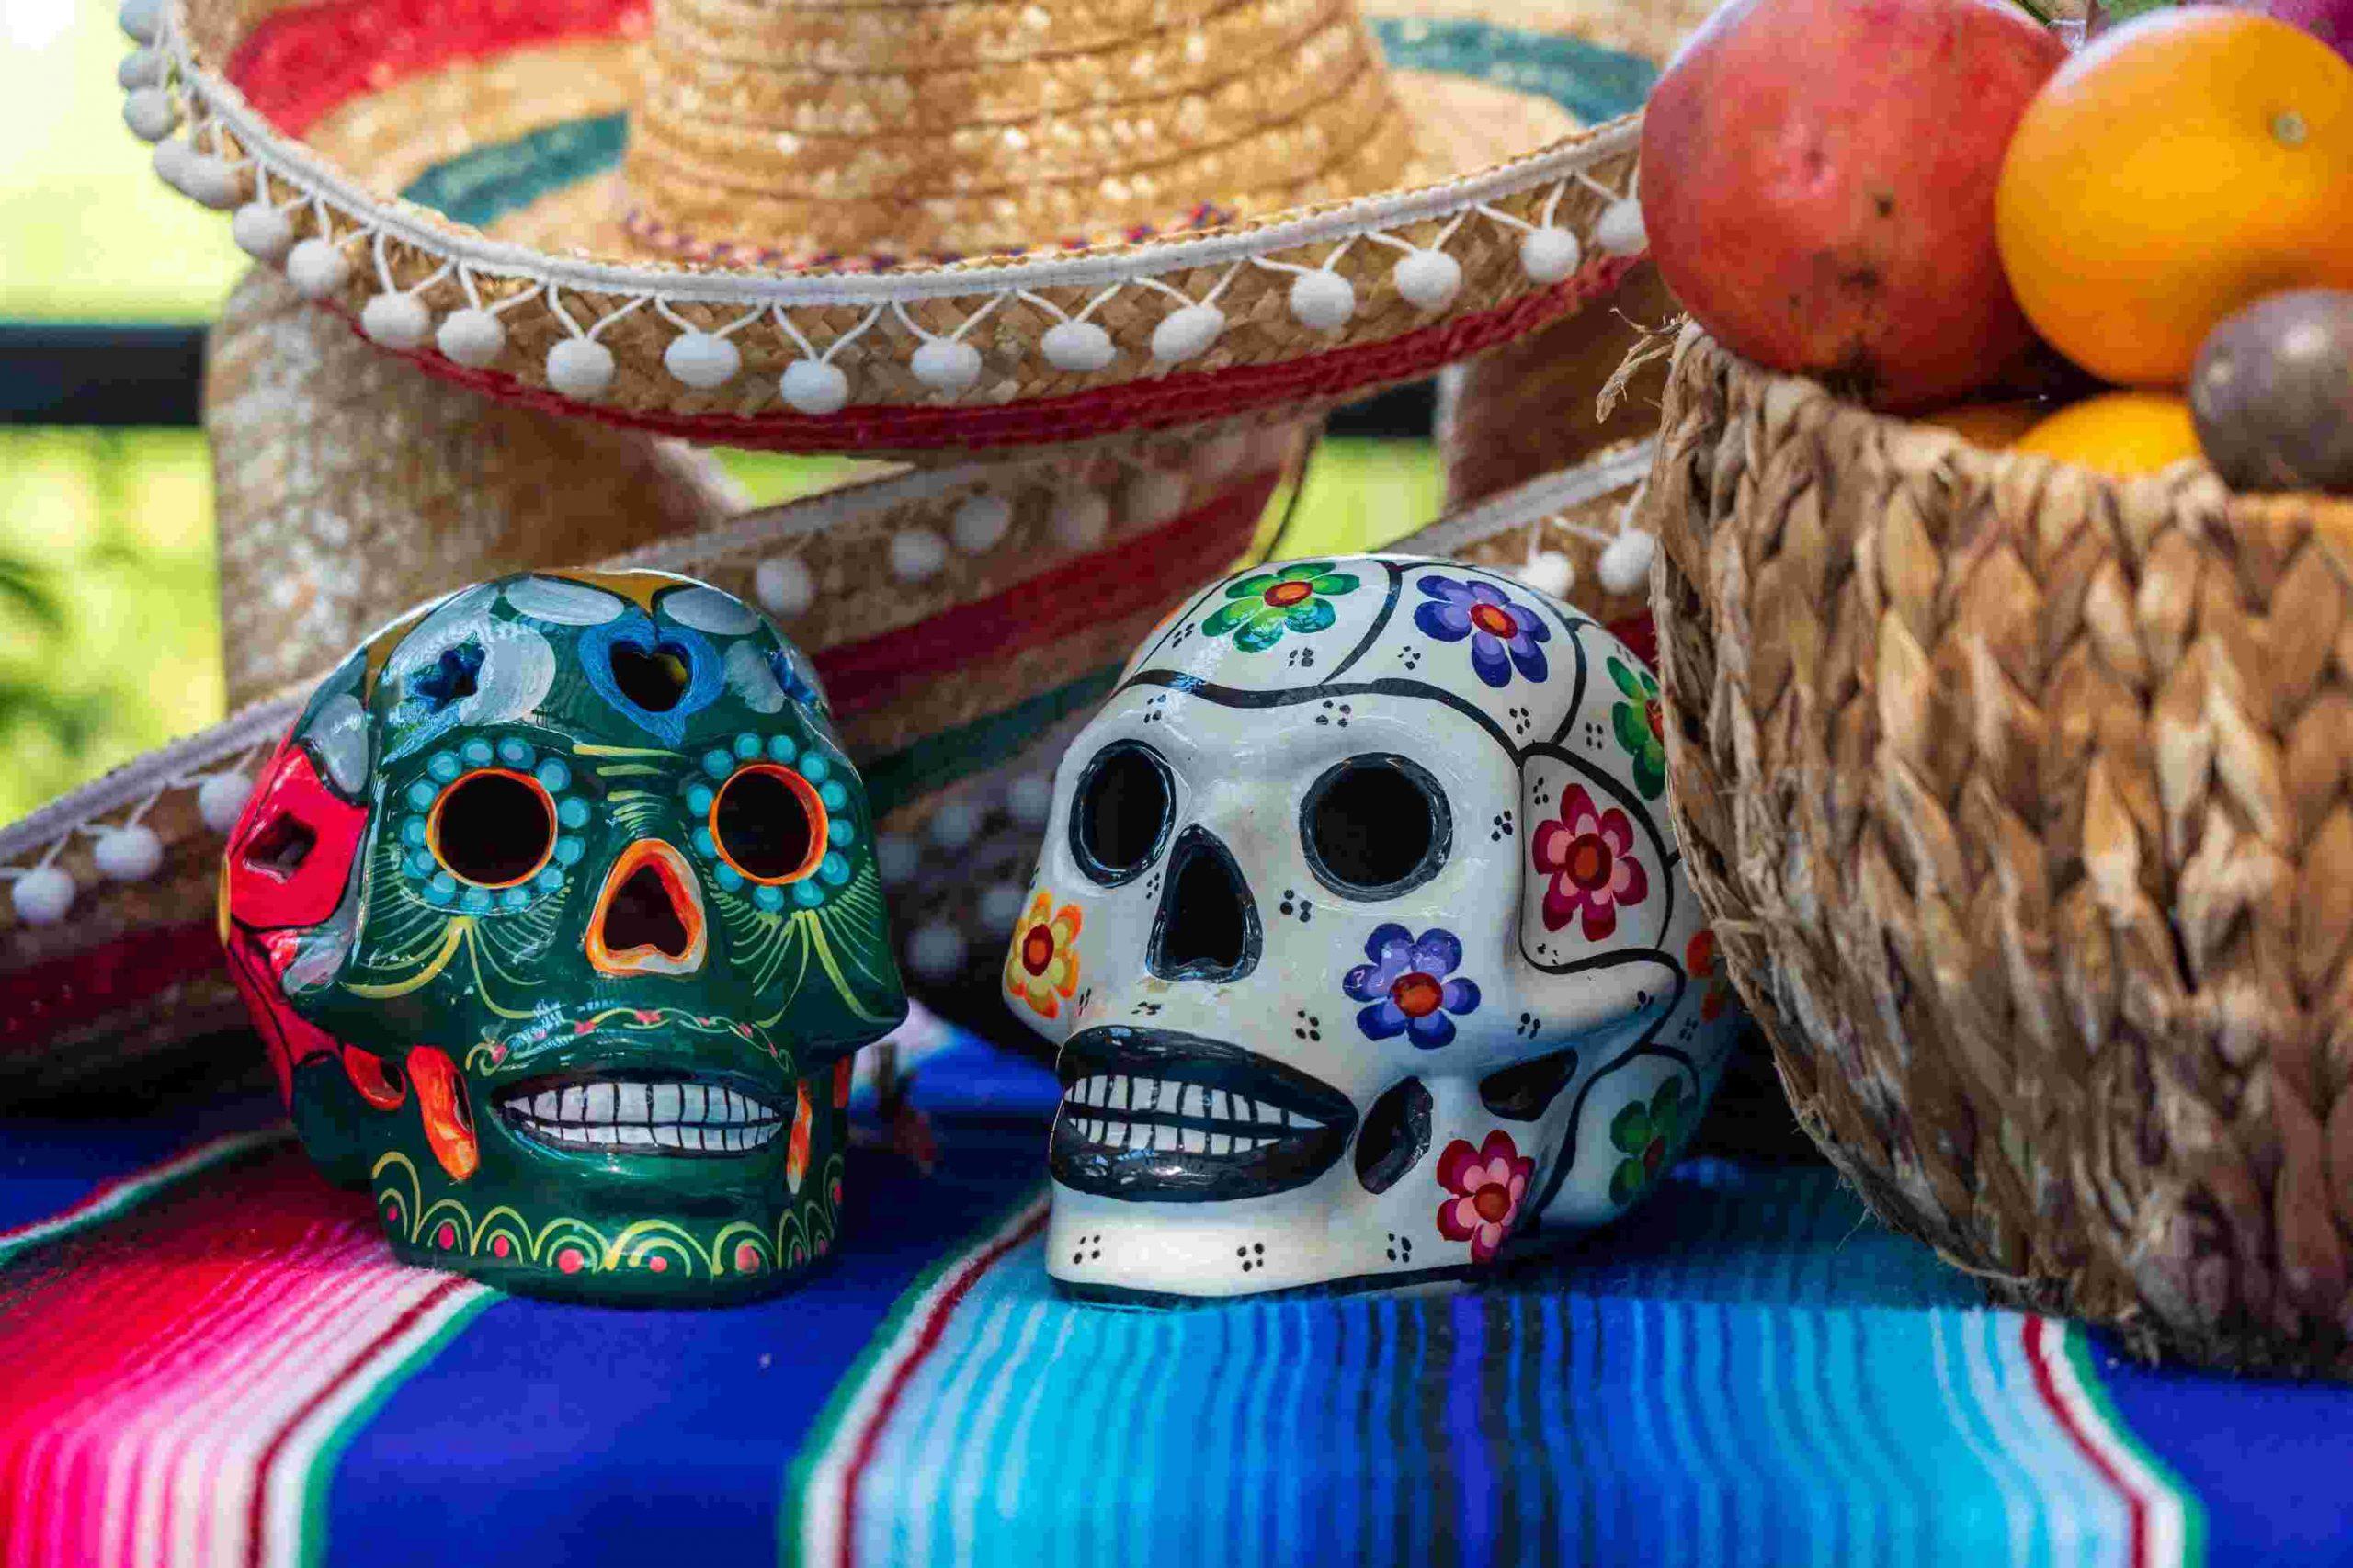 La fête des morts au Mexique, une fête ancestrale des communautés précolombiennes